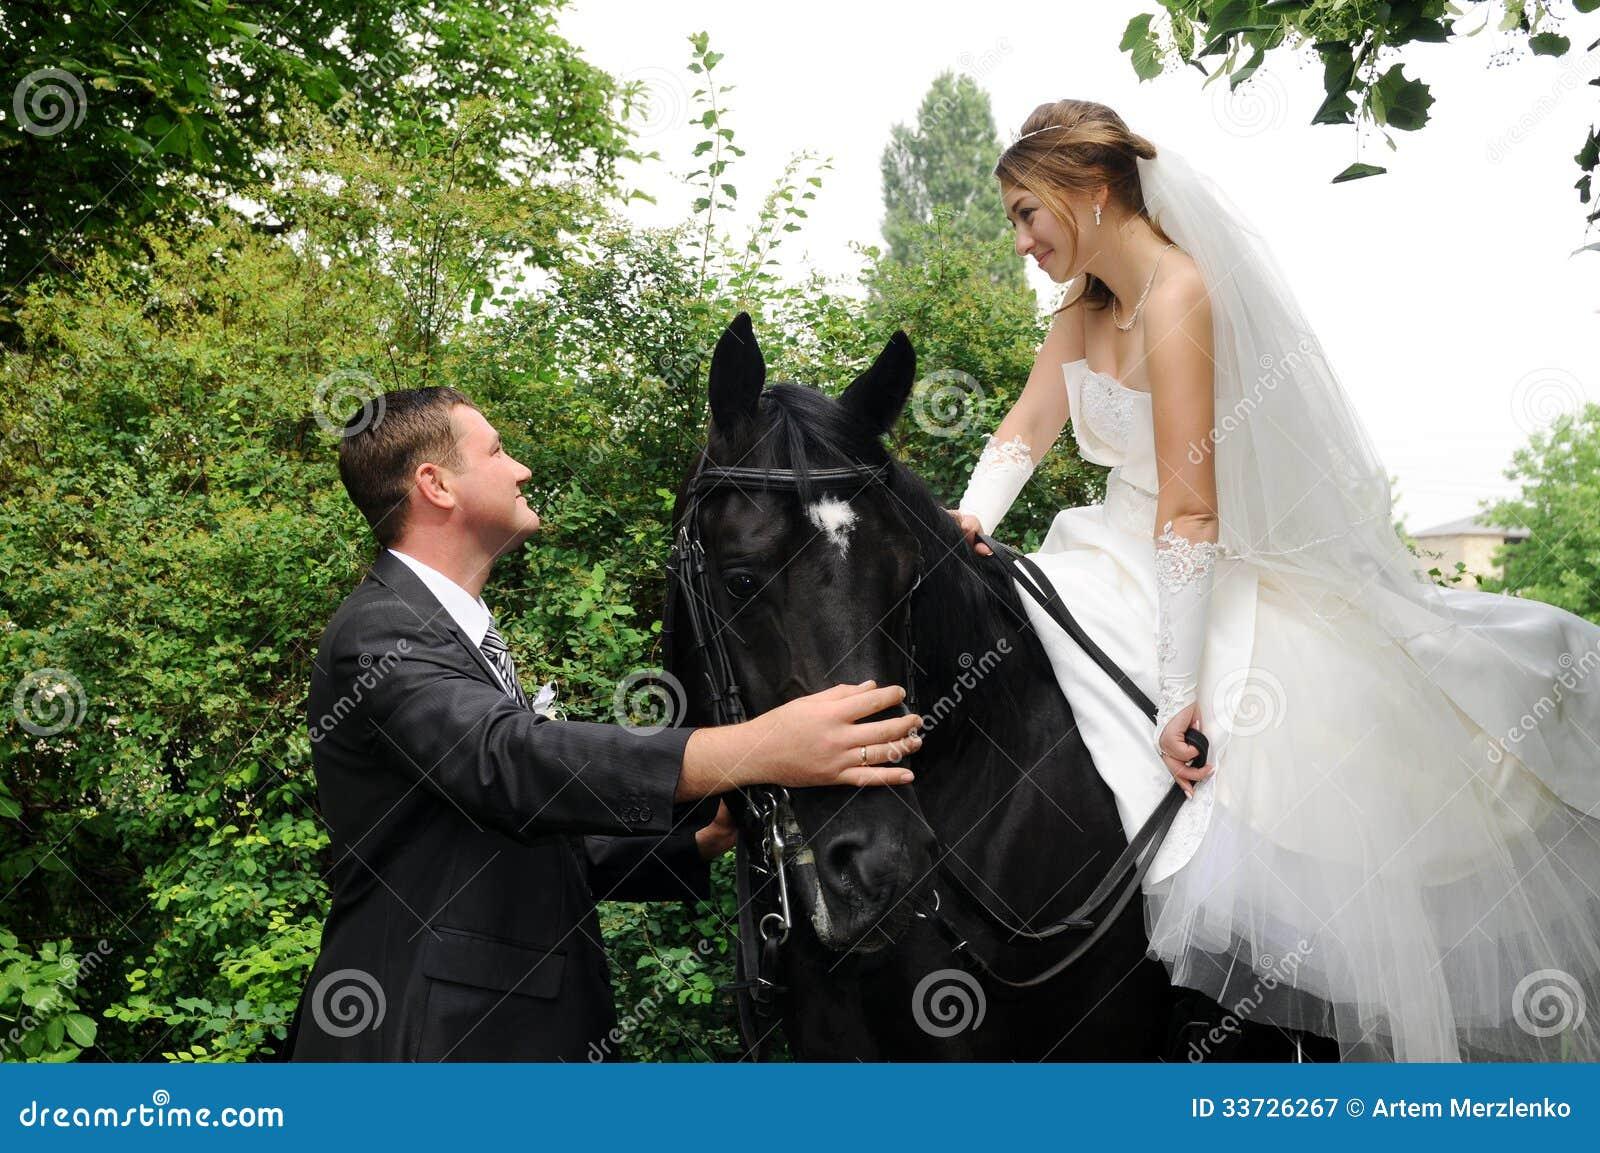 Жених и невеста свадьбы верхом